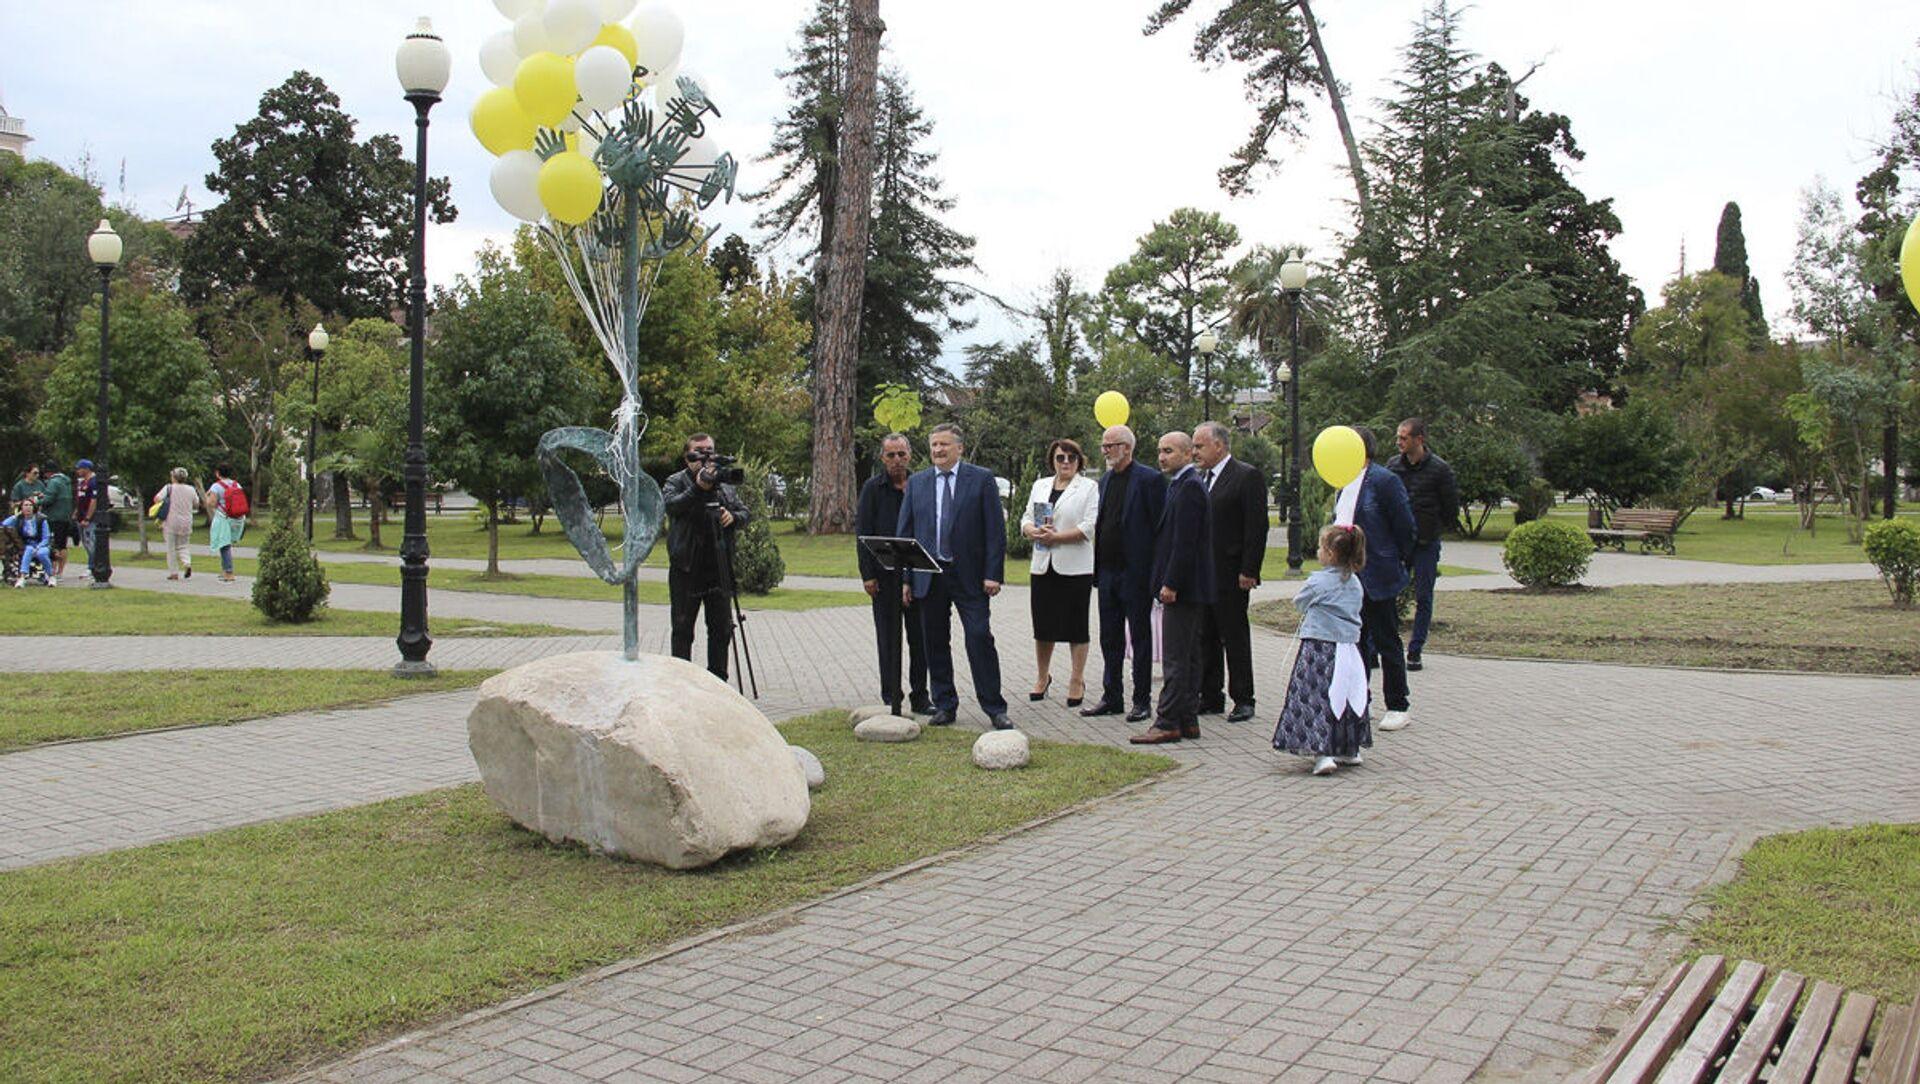 В Сухуме открыли скульптуру символу мира и доброты «Одуванчик» - Sputnik Аҧсны, 1920, 01.10.2021